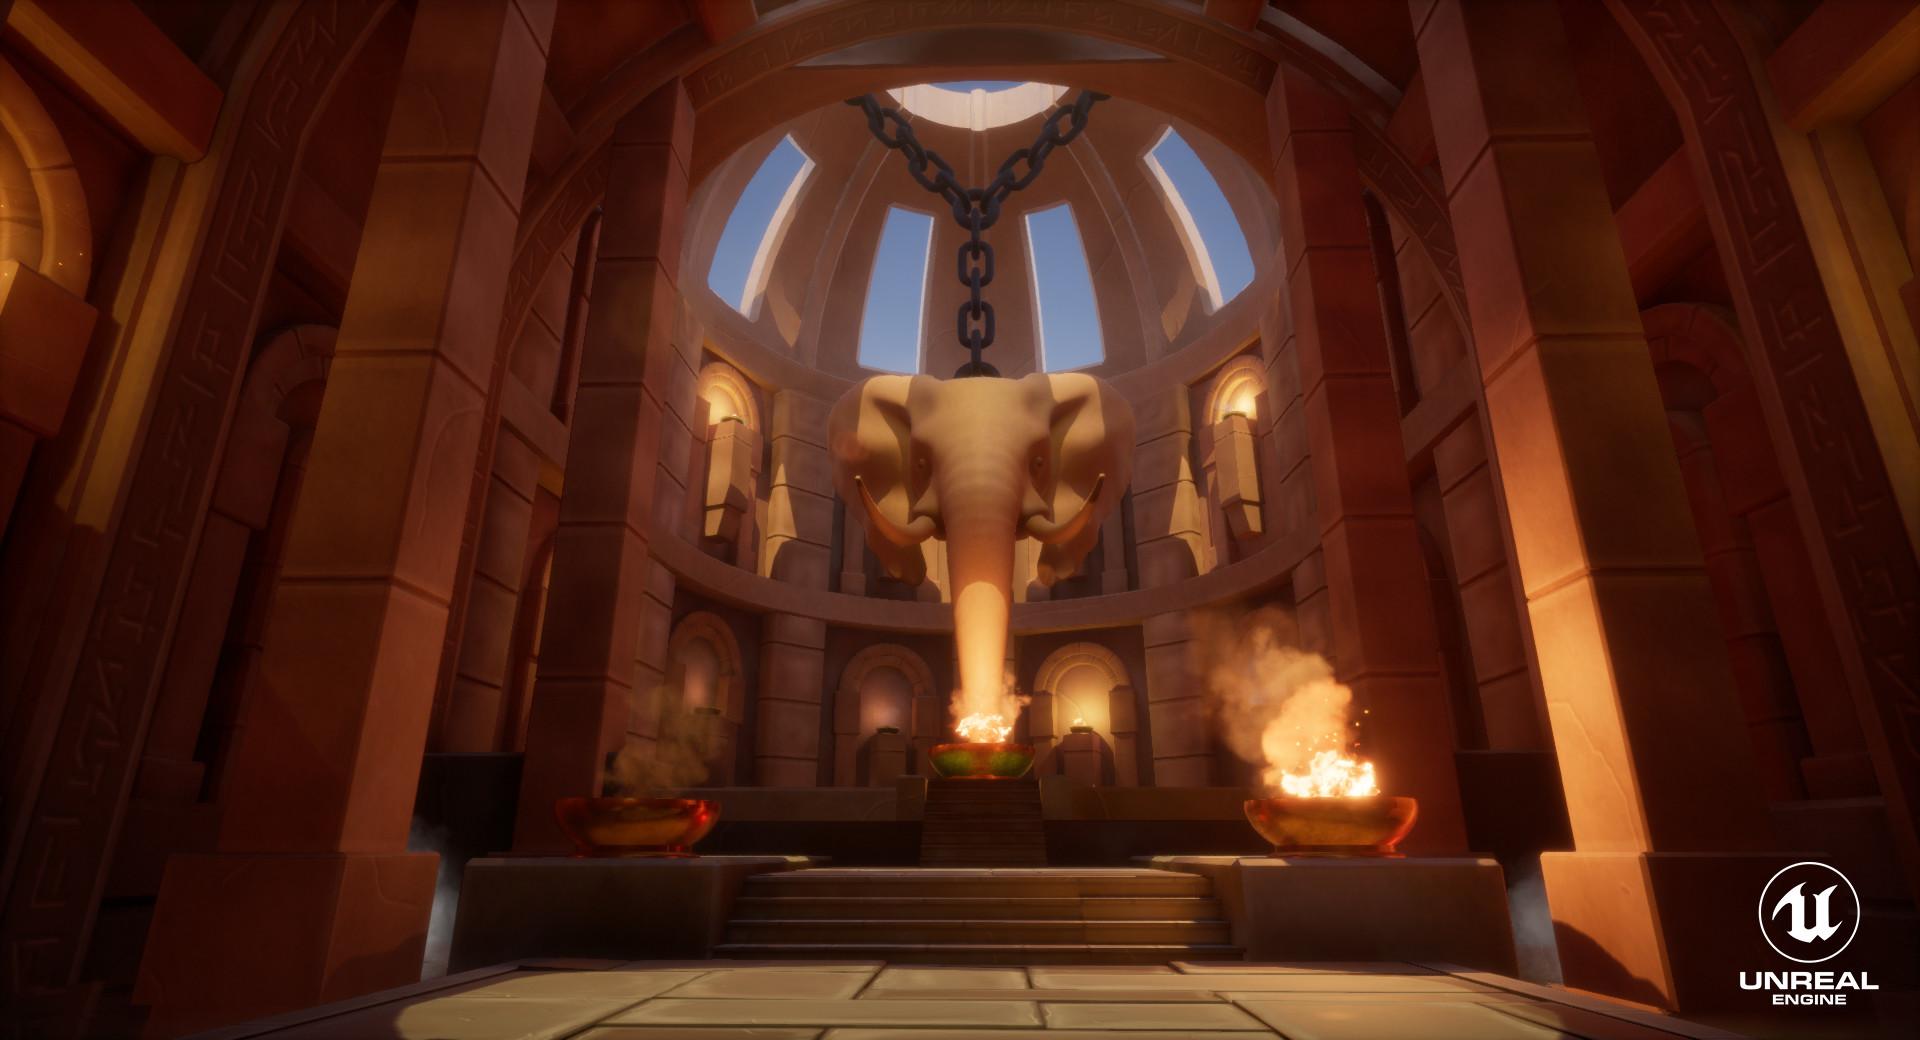 Nicolas crevier crevier nicolas temple 03